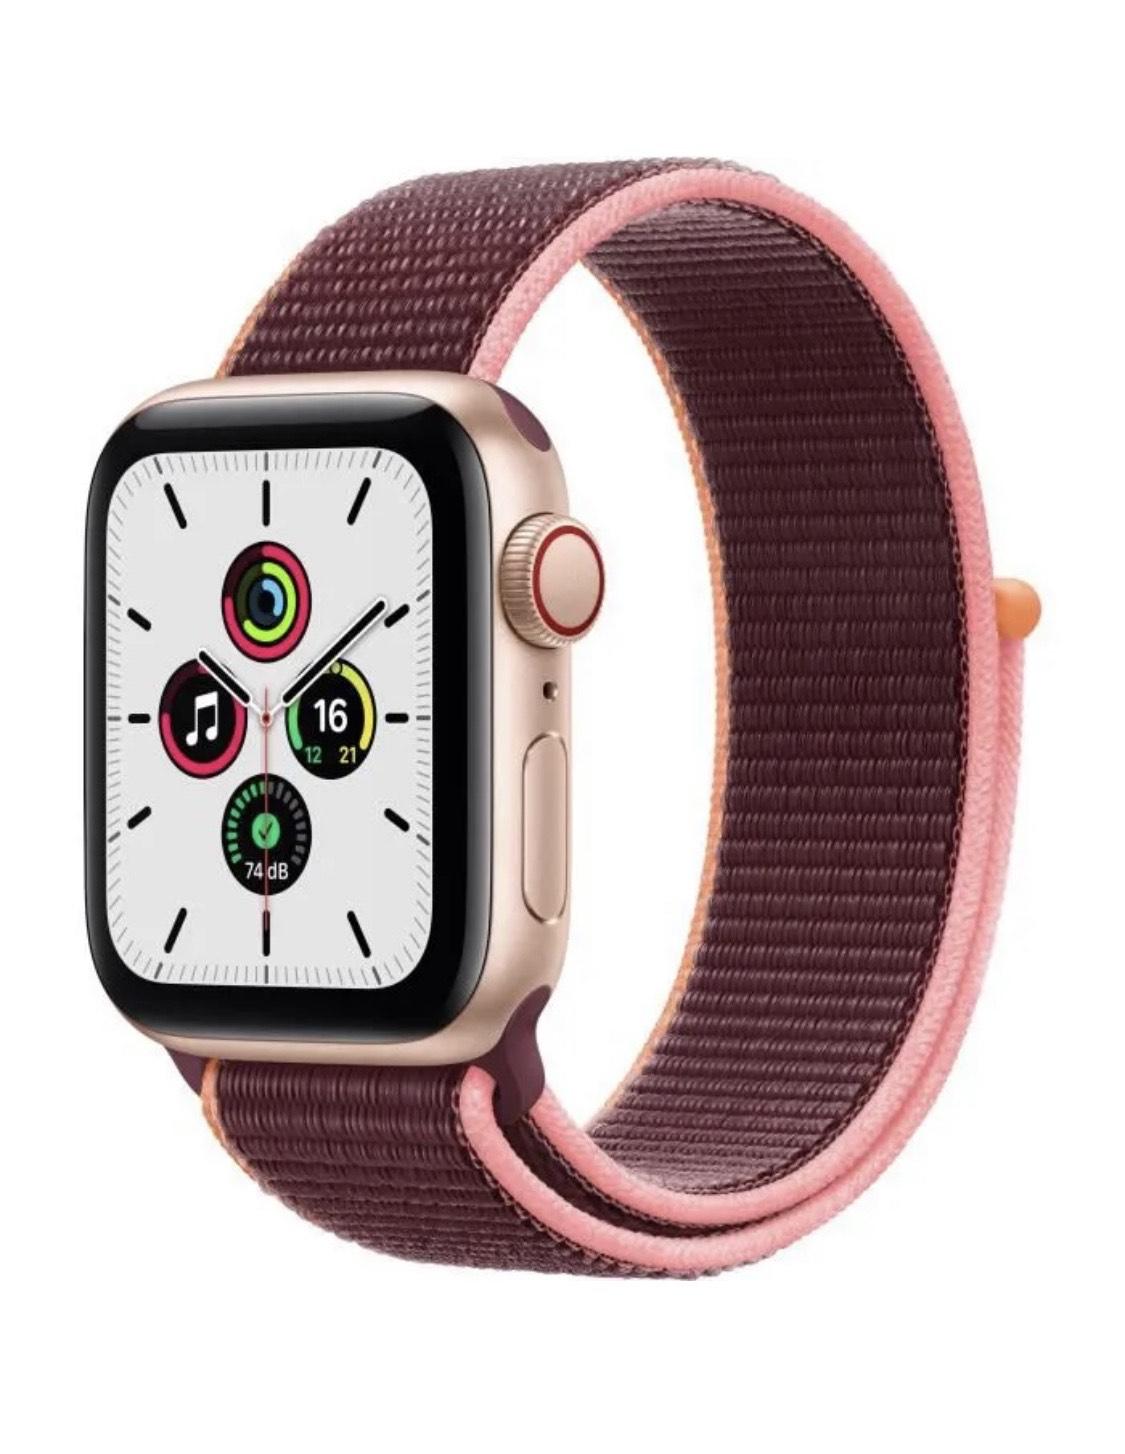 Montre connectée Apple Watch SE (GPS + Cellular) - Boîtier 40mm en Aluminium Or, Bracelet Sport Prune